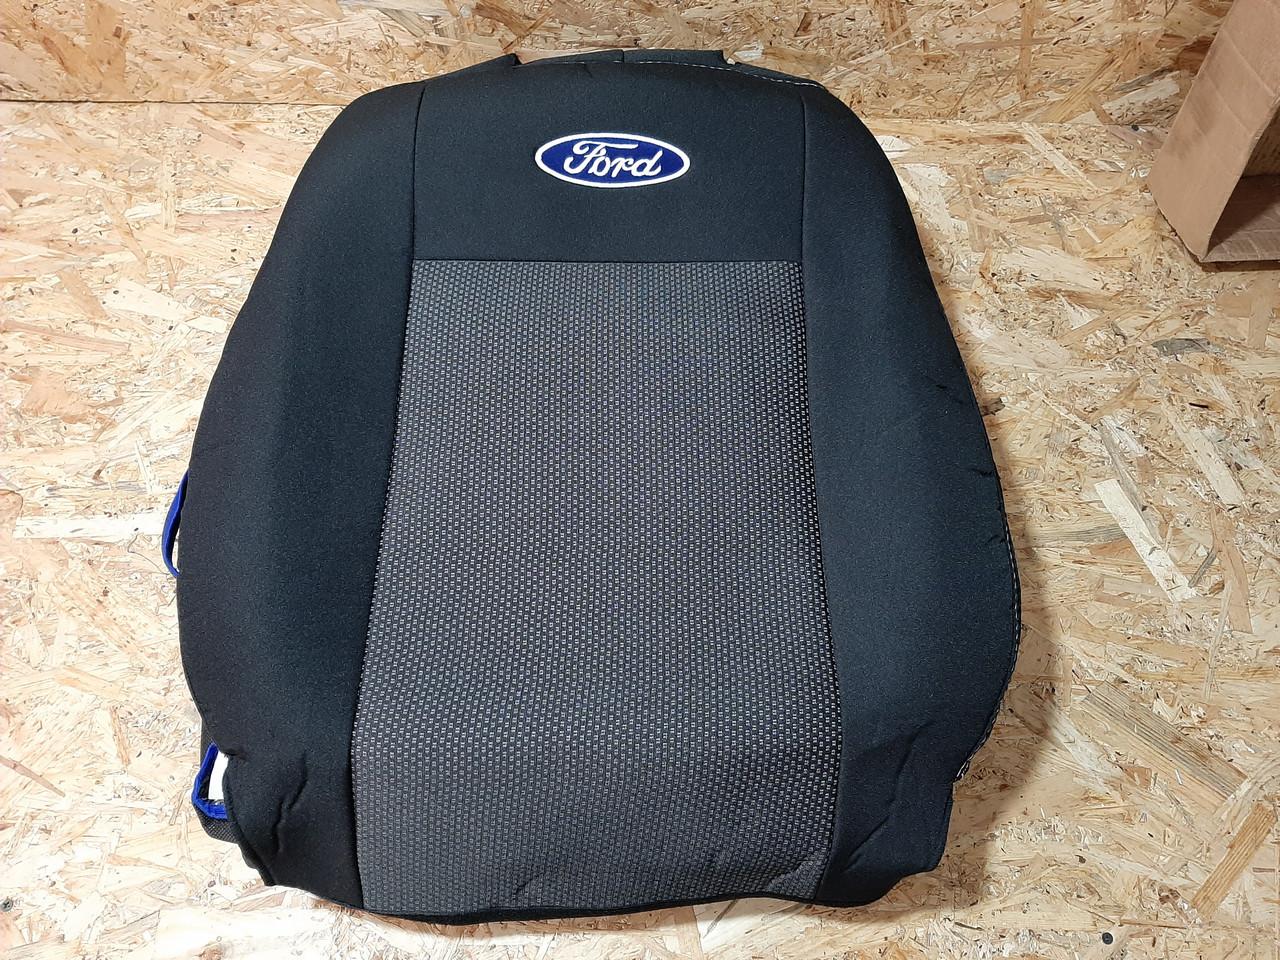 """Автомобильные чехлы на Ford Fiesta 2002-2008 / авто чехлы Форд Фиеста """"EMC Elegant"""""""